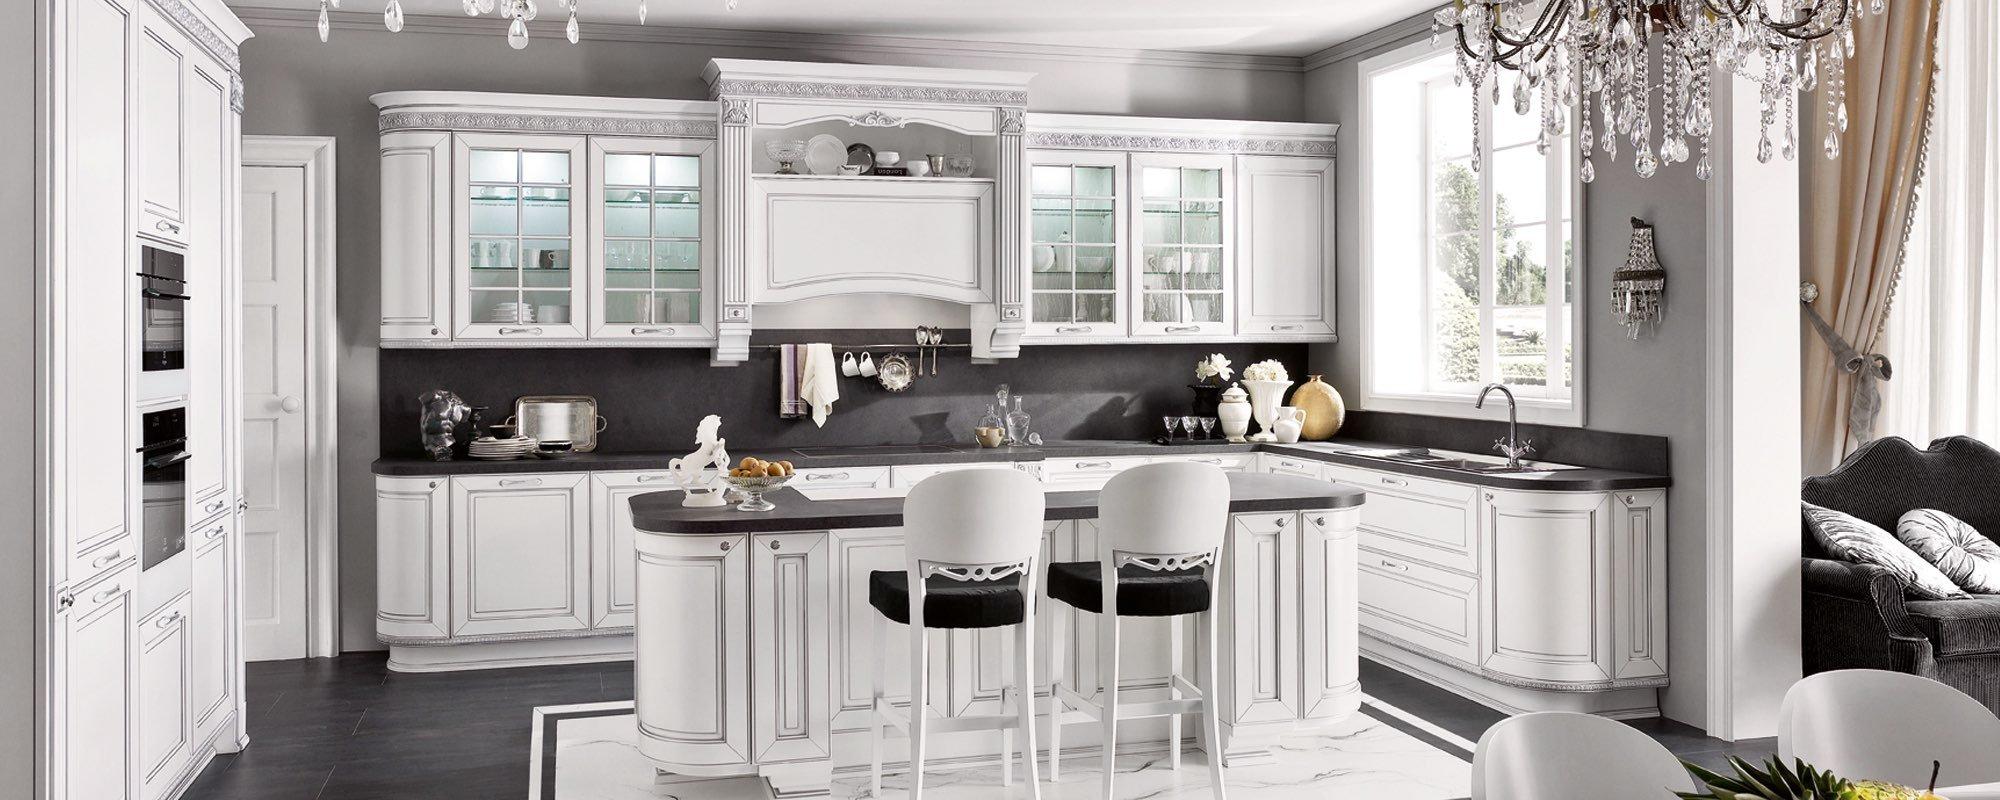 cucina bianca classica arredo -Dolcevita